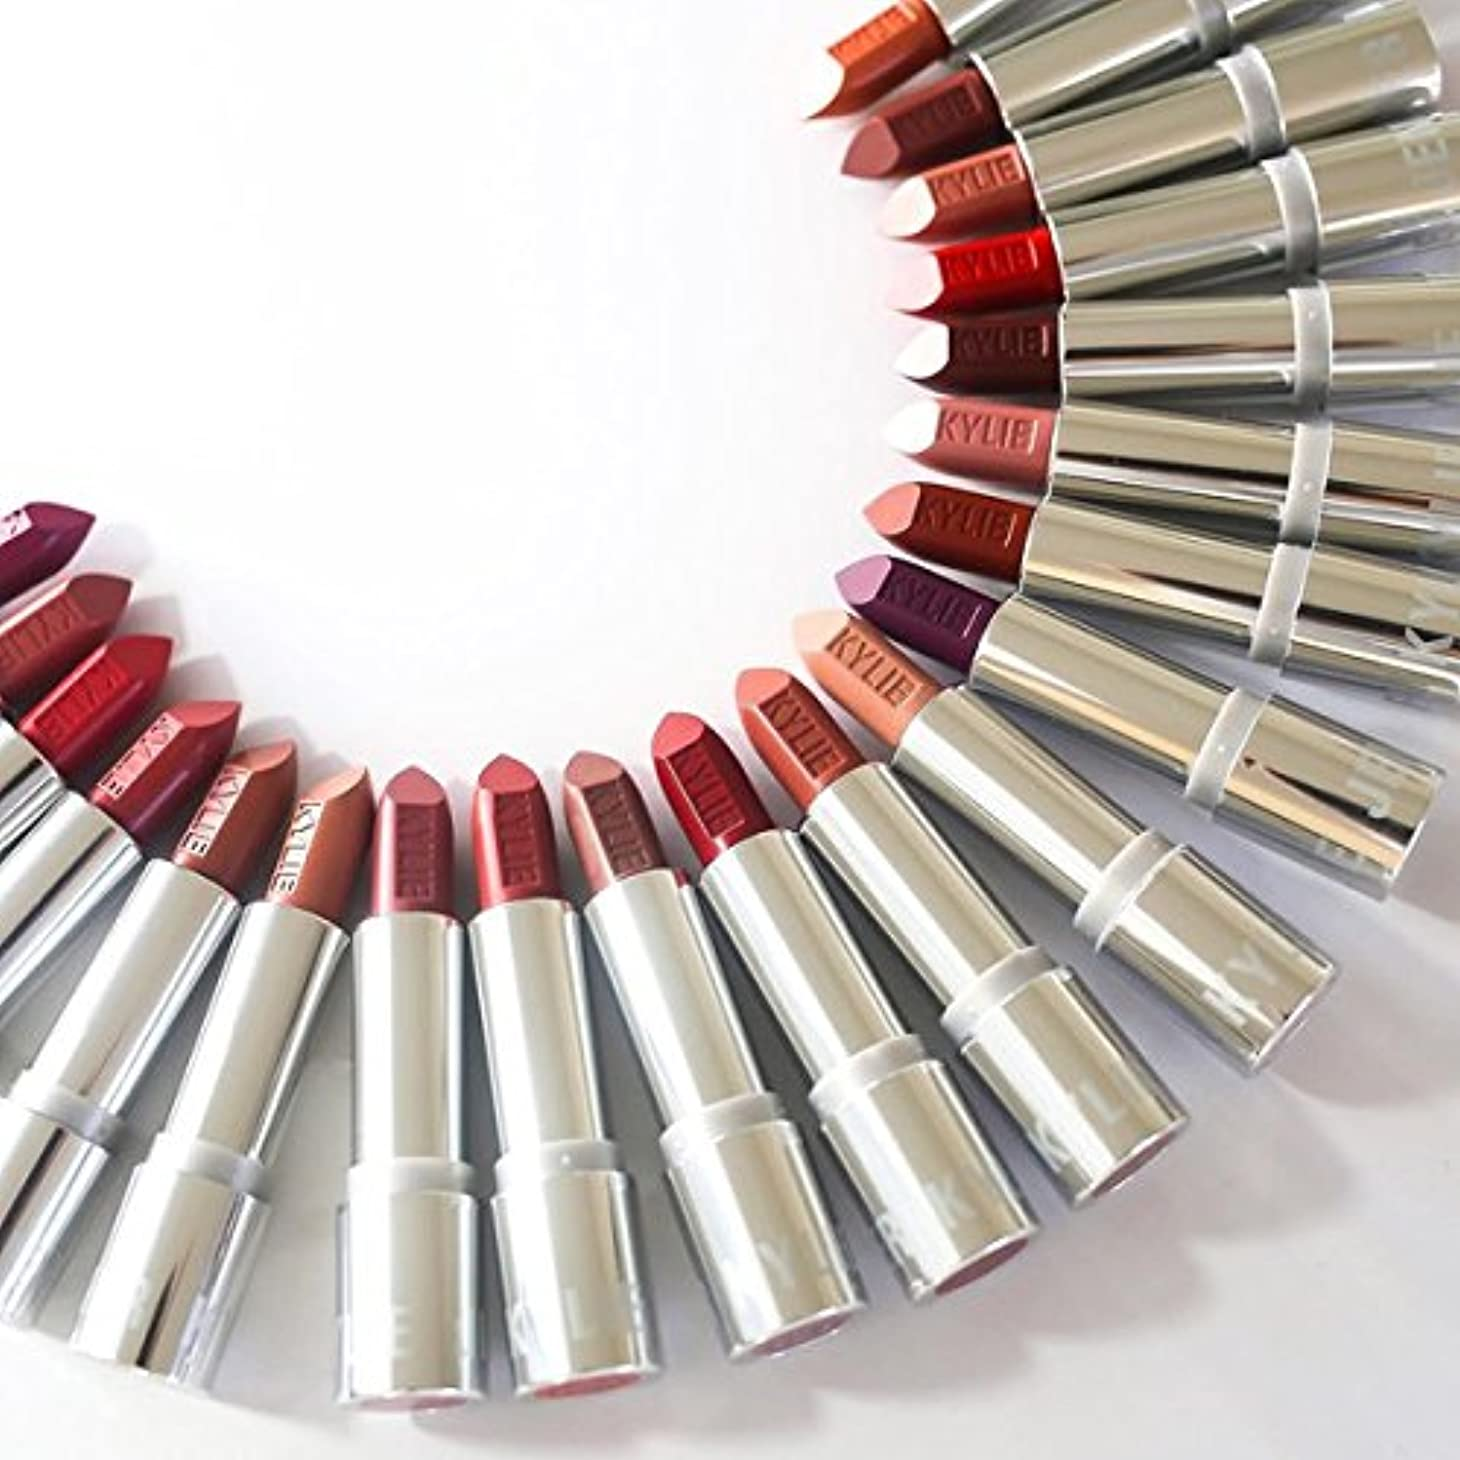 寛容と重々しいkyliecosmetics カイリーコスメ silverseries シルバーシリーズ NEW LIP 口紅 ヌーディ カイリーリップ CREAM BRULEE